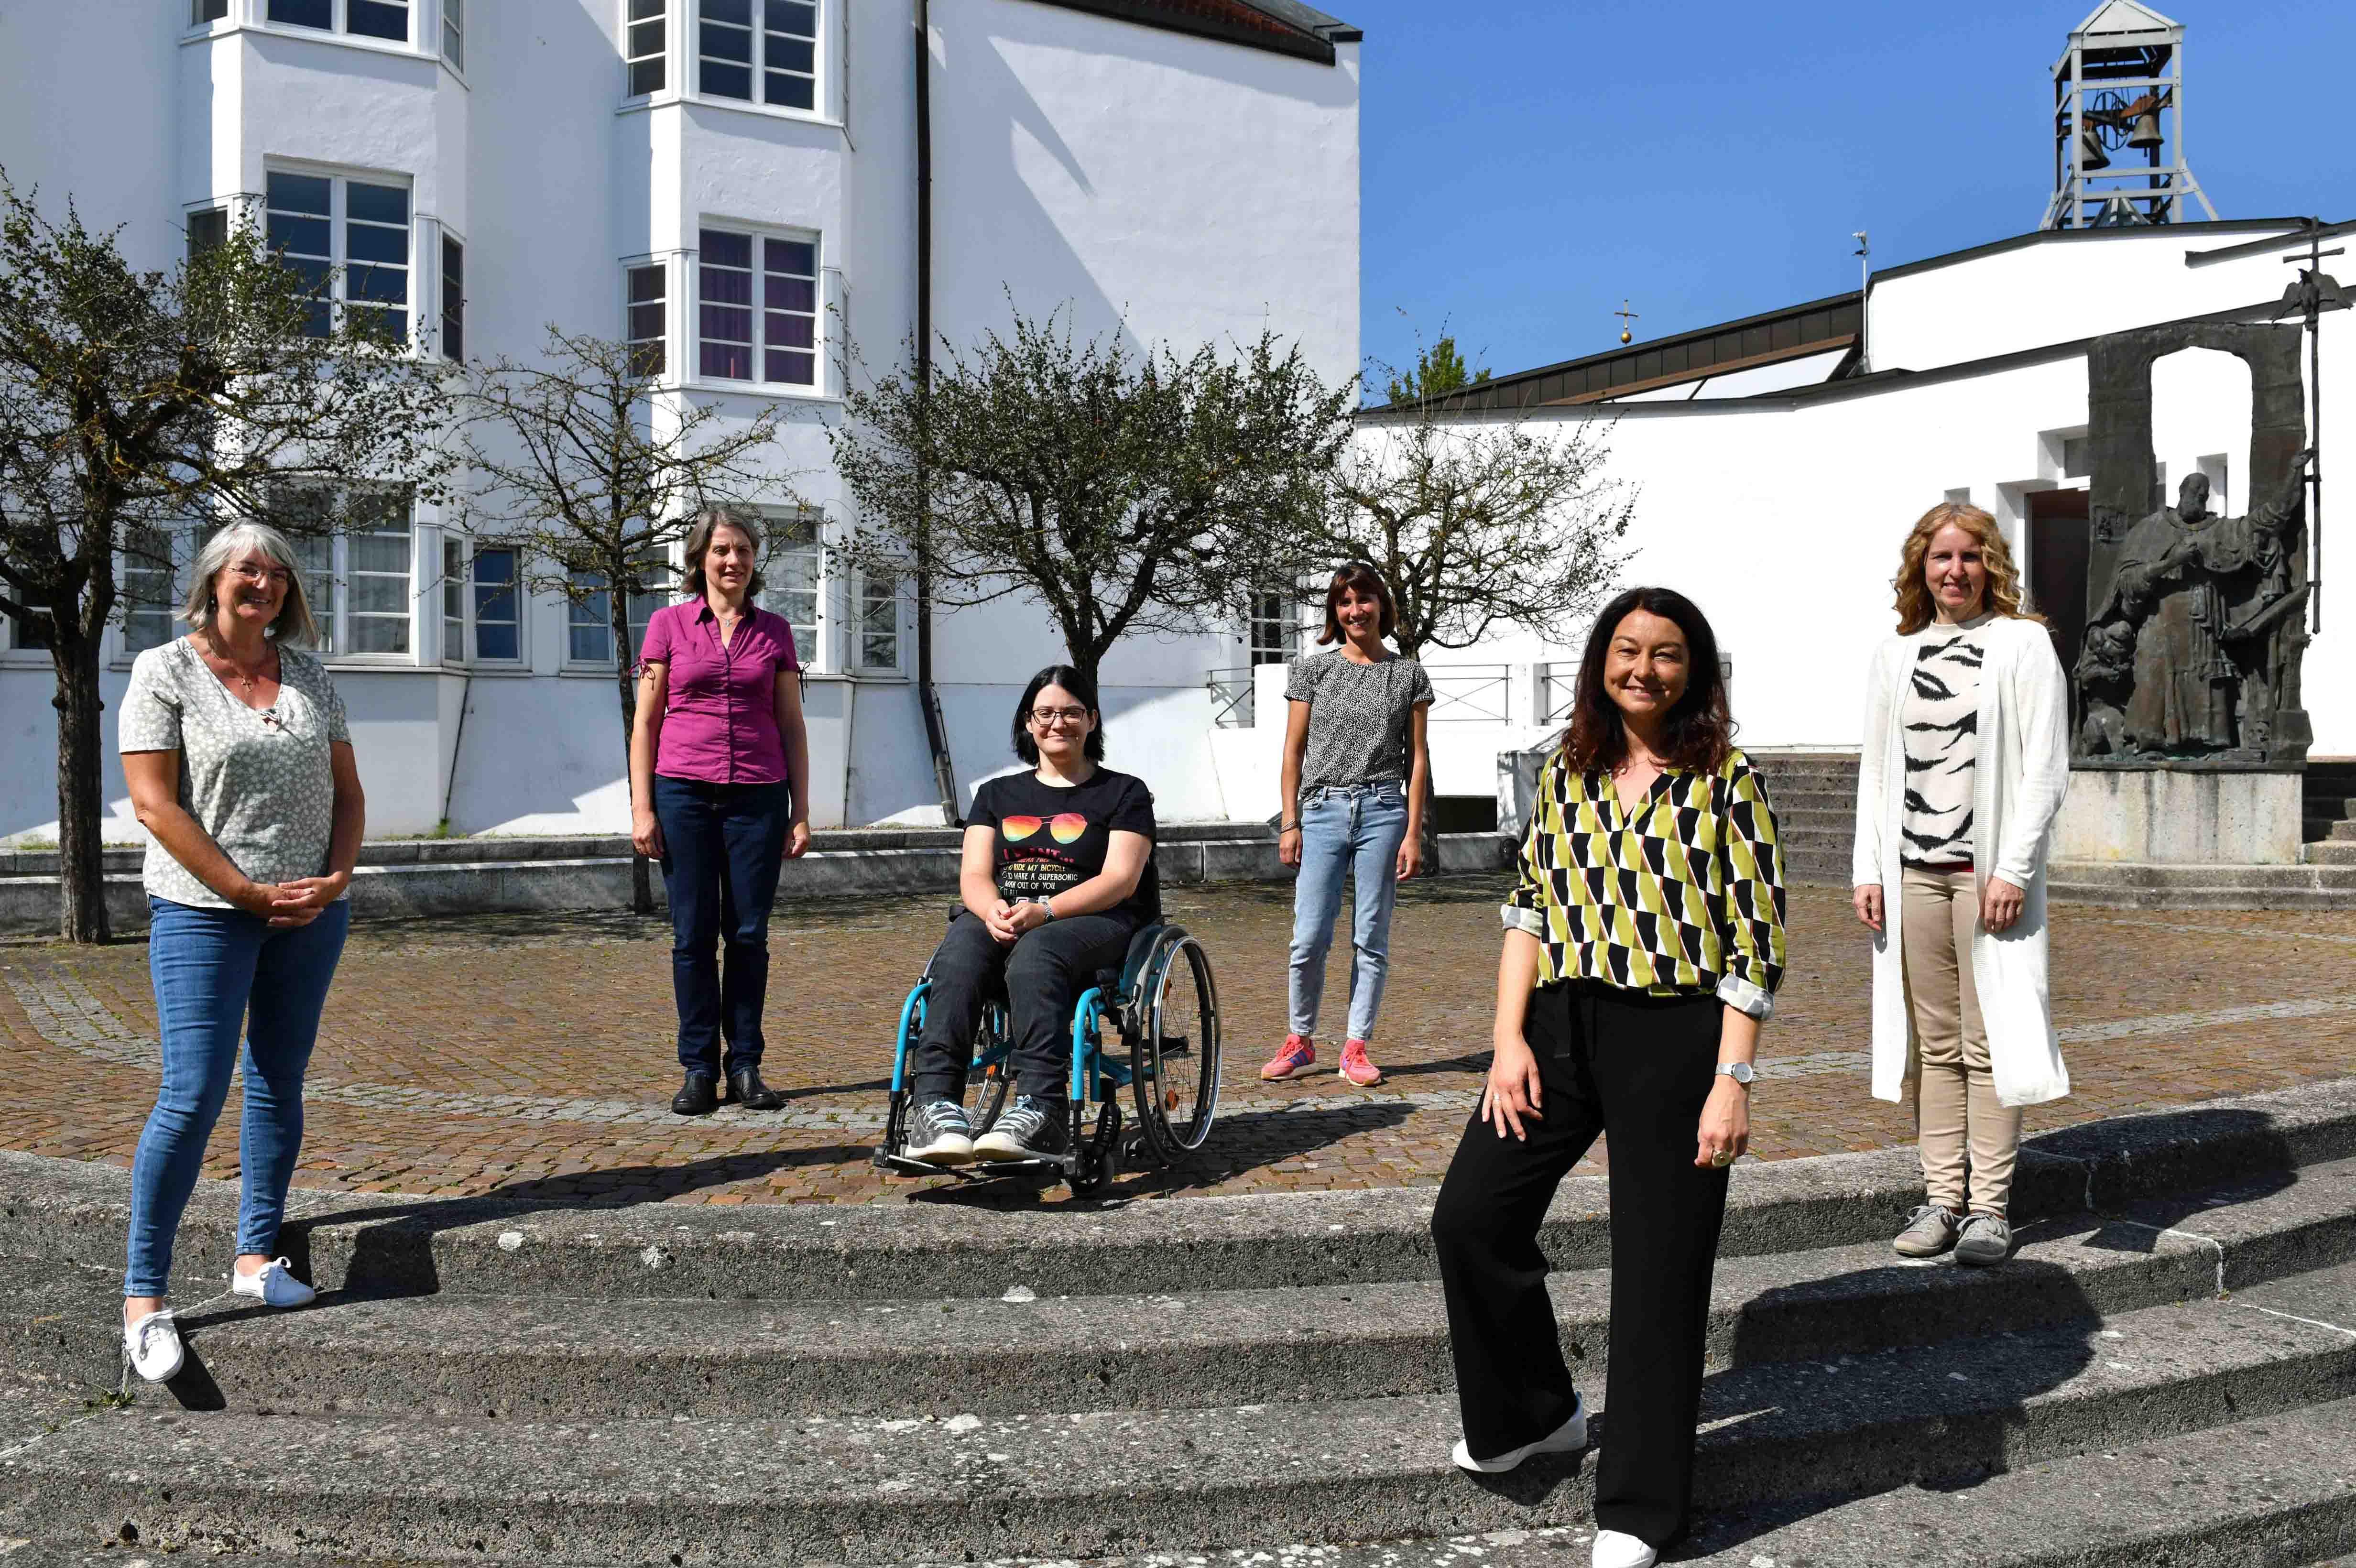 Als Pfarrhelferinnen tätig (v.l.): Sabine Walser, Sabrina Tiedtke, Agnes Mathy, Christine Schneider, Doris Herger, Gabriele Demuth.